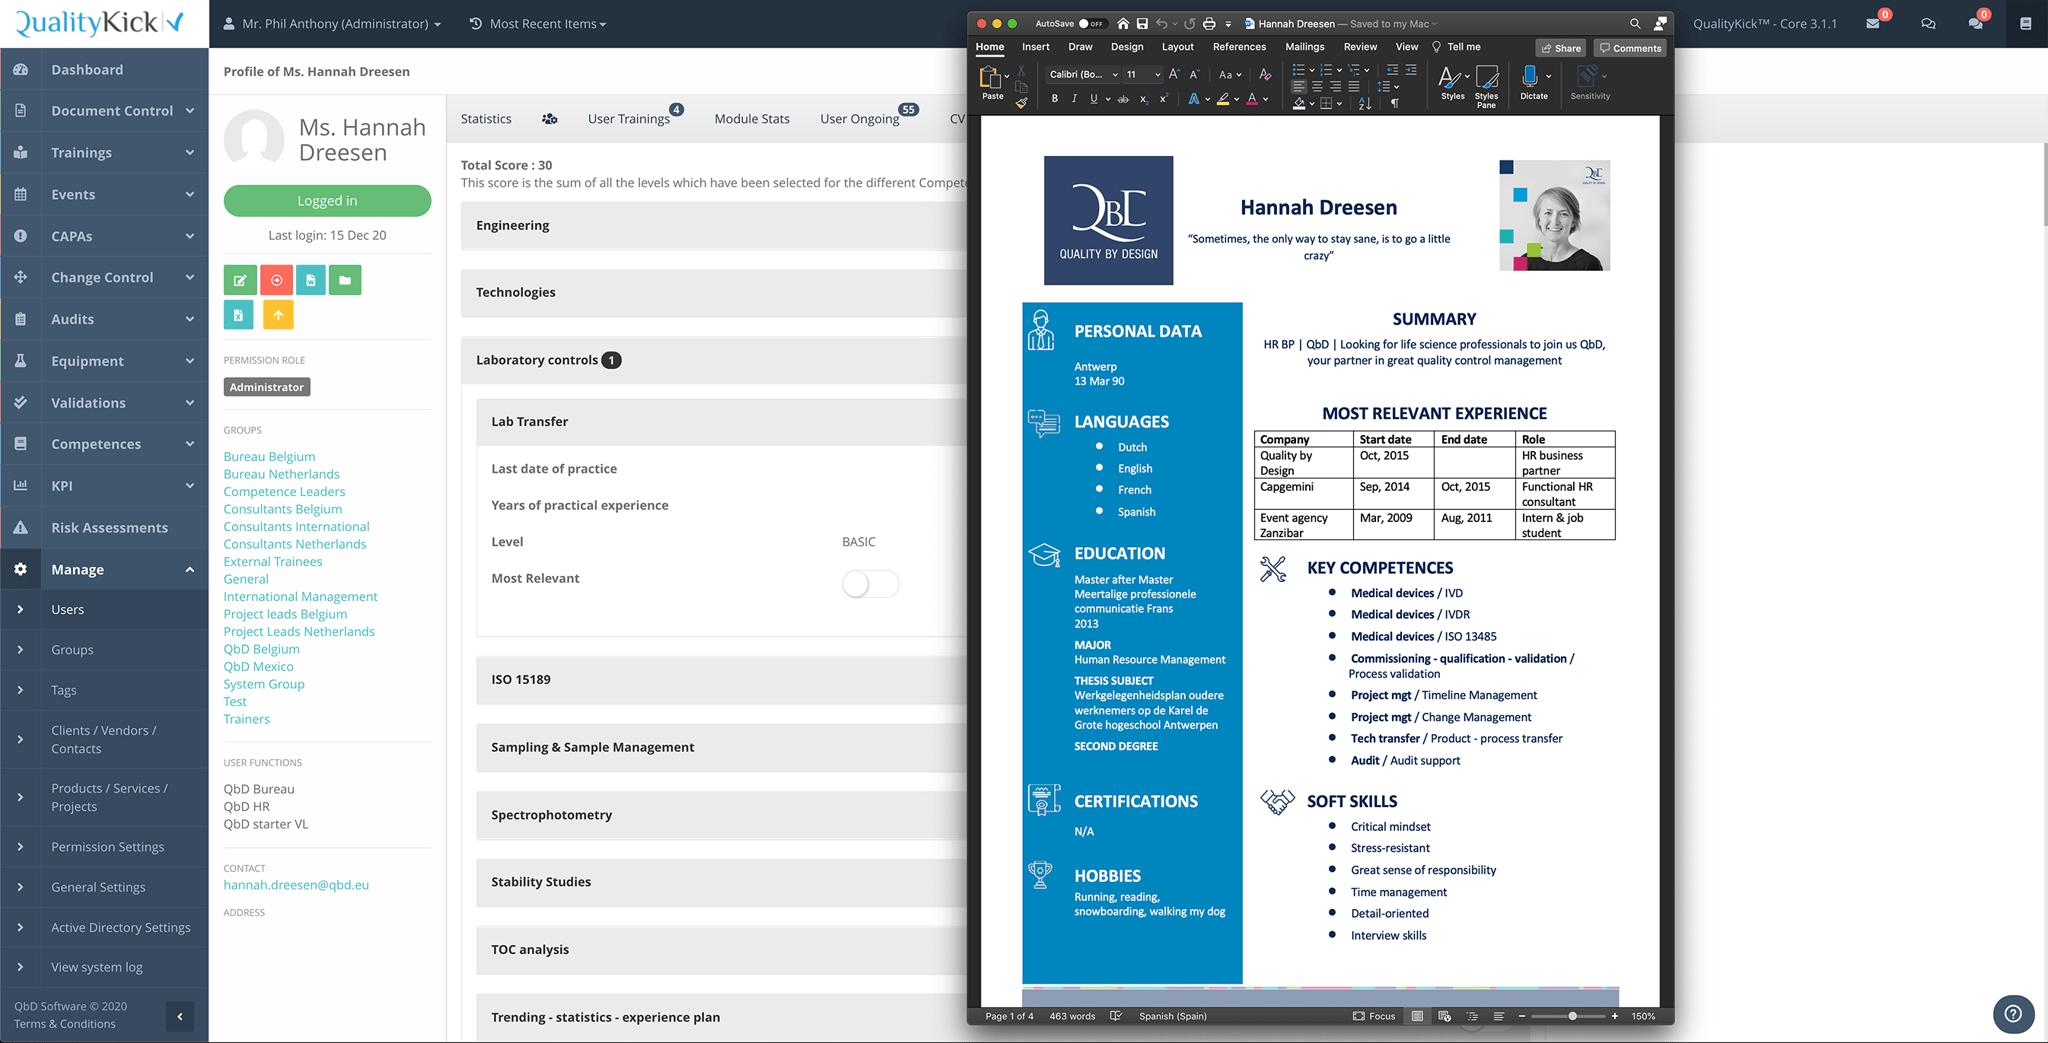 Export CV in MS Word